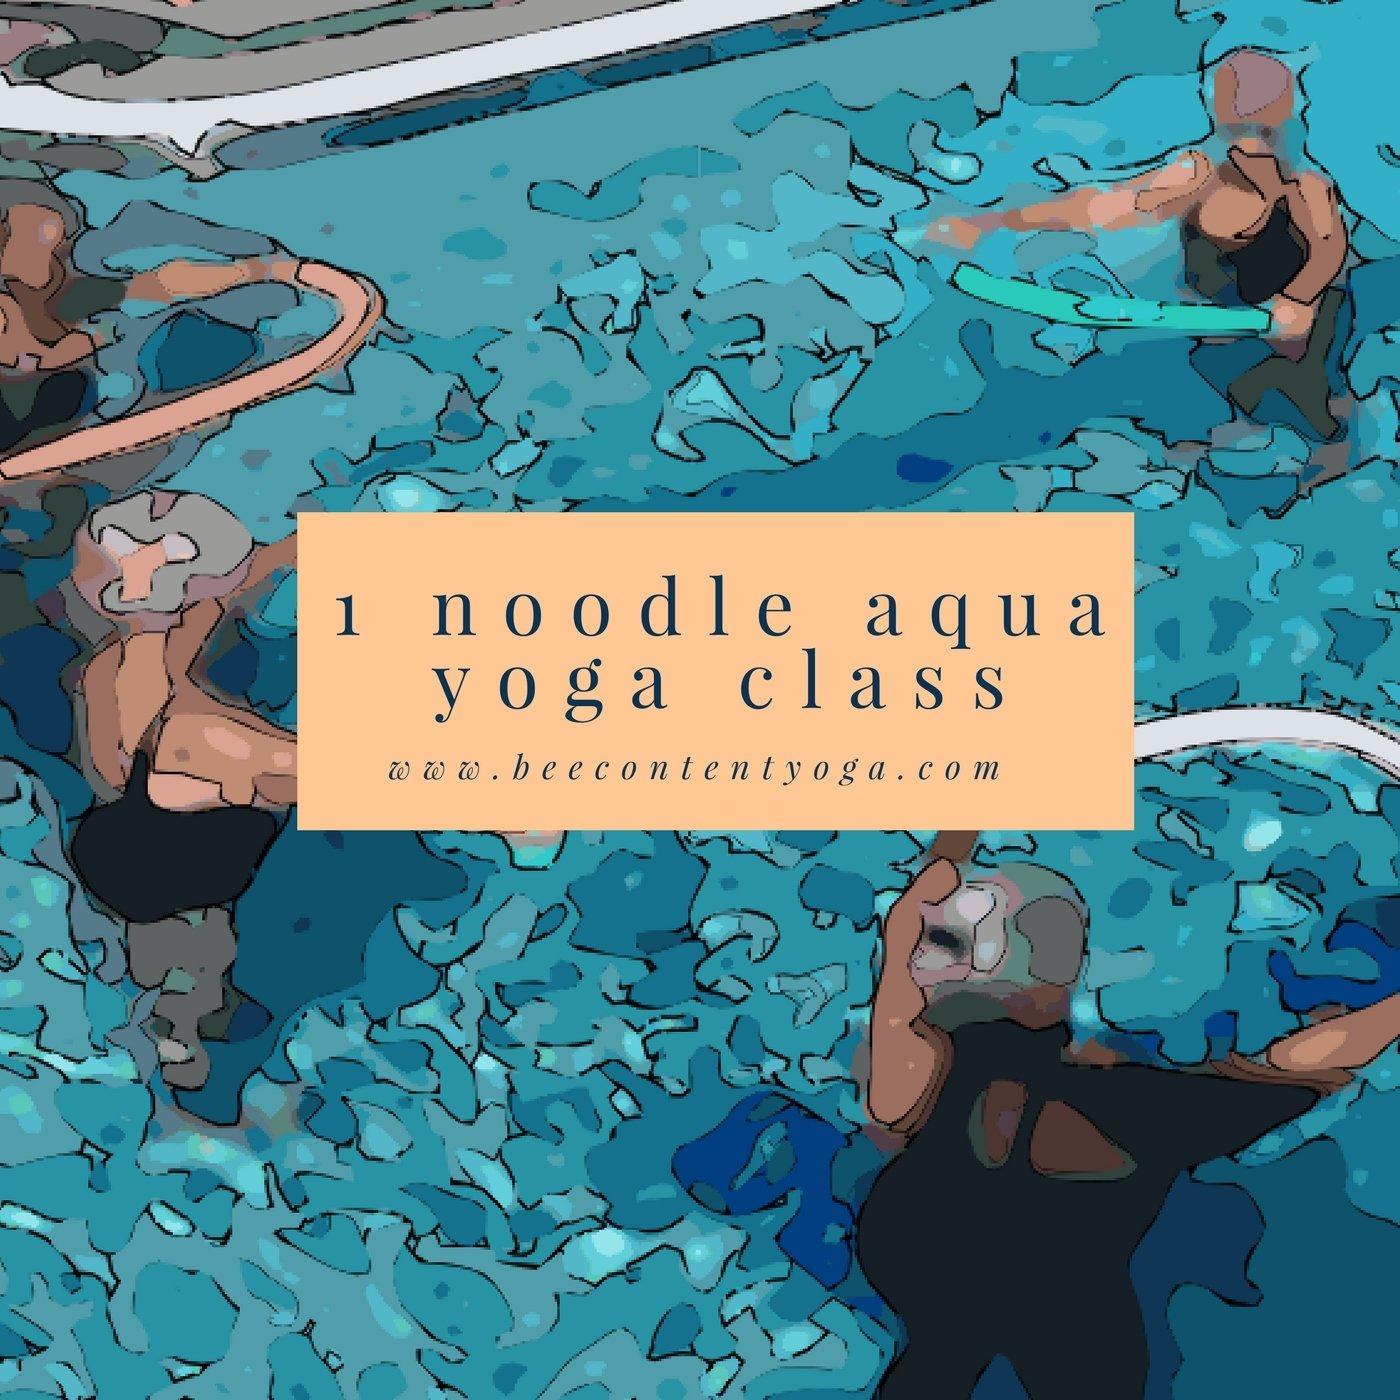 One Noodle Aqua Yoga Class Recording 00009